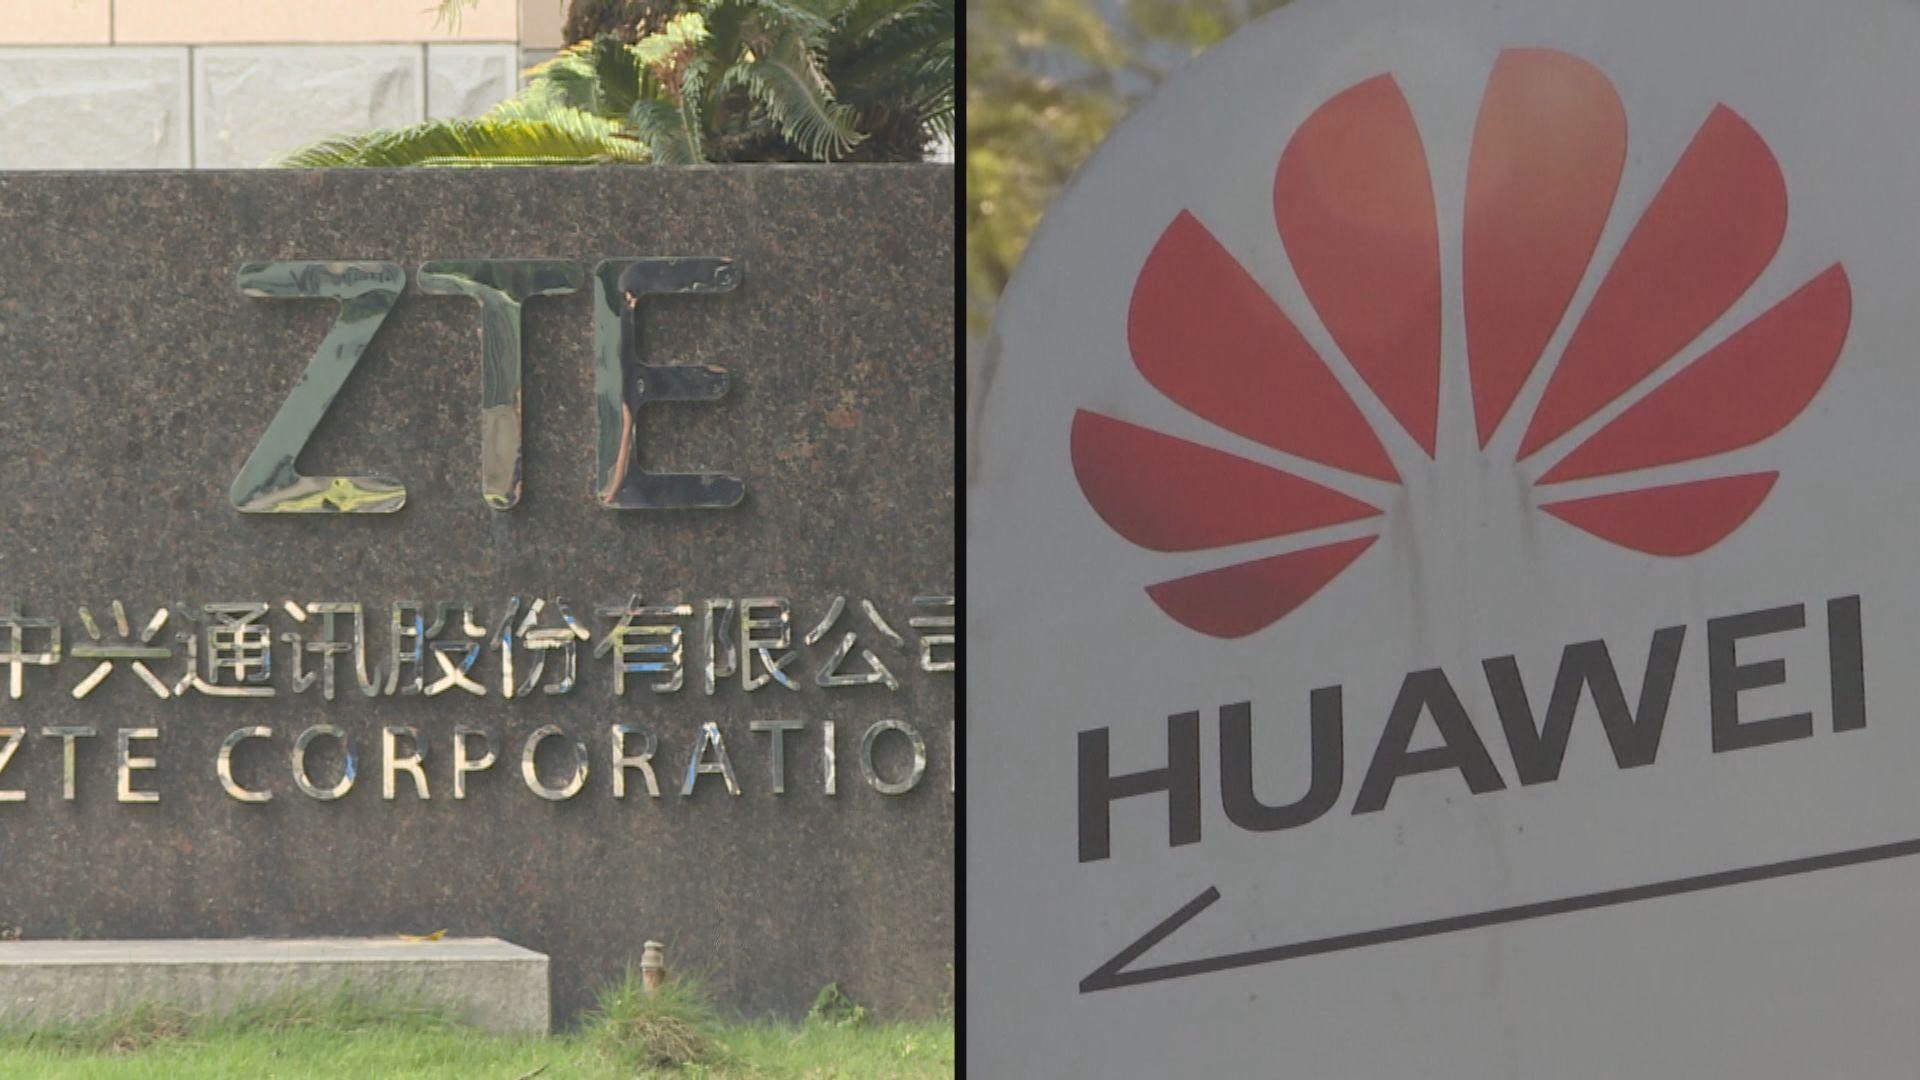 消息指美國下周落實禁用中國通訊器材